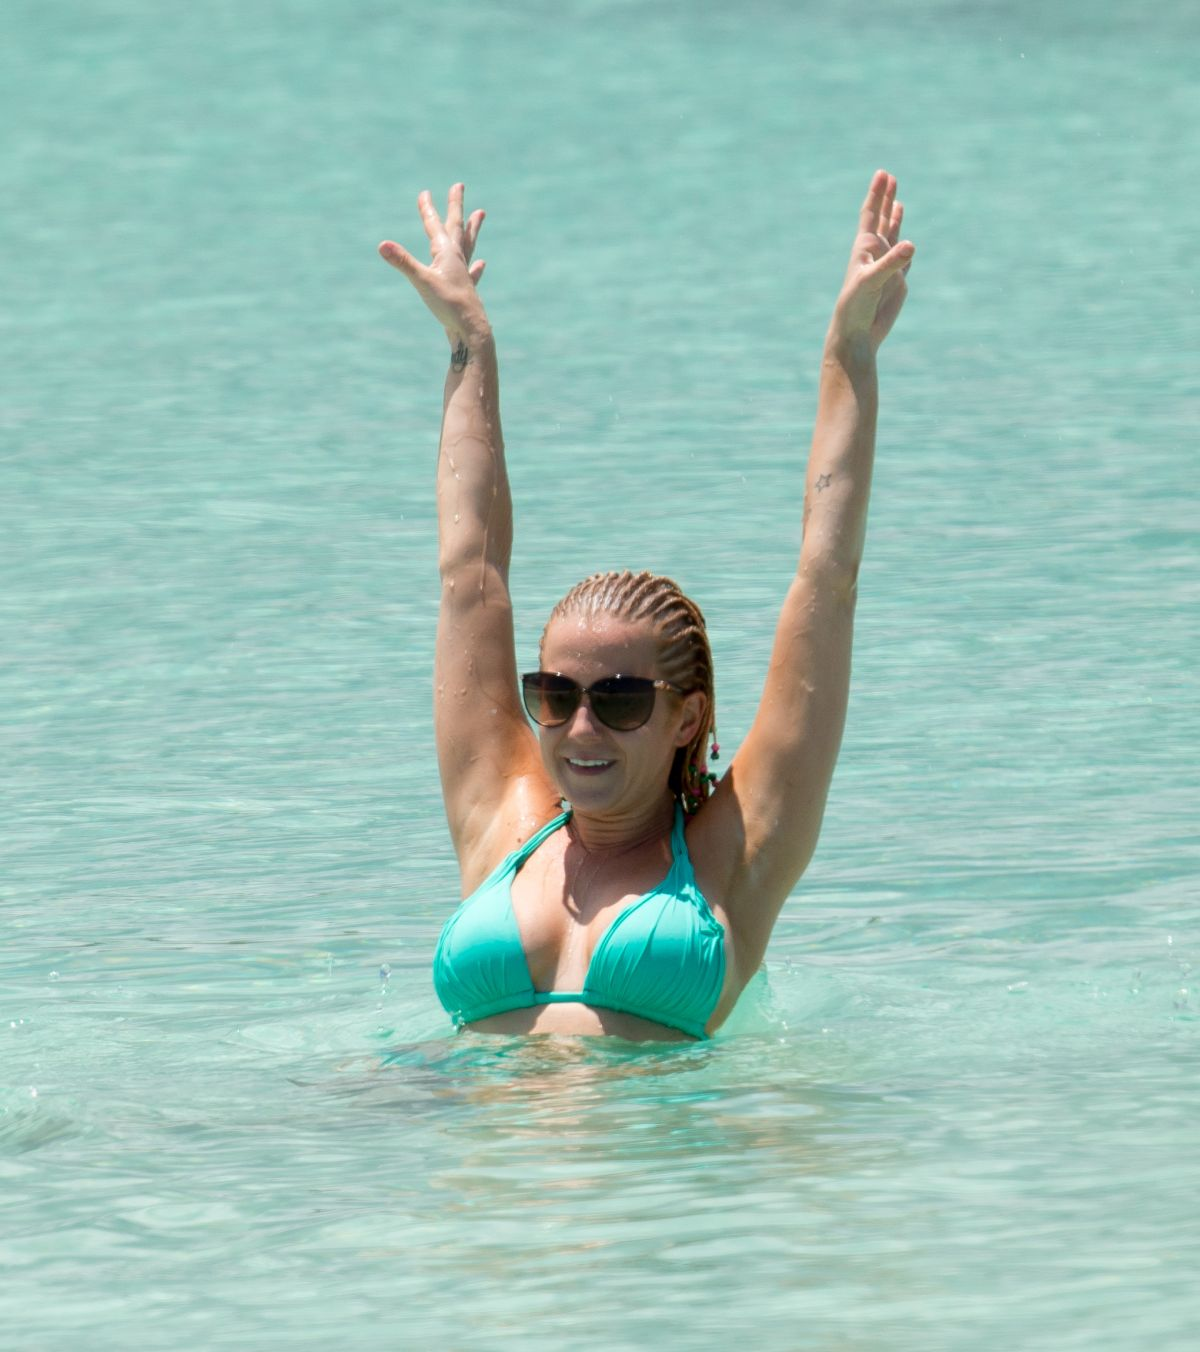 Kellie pickler bikini pictures